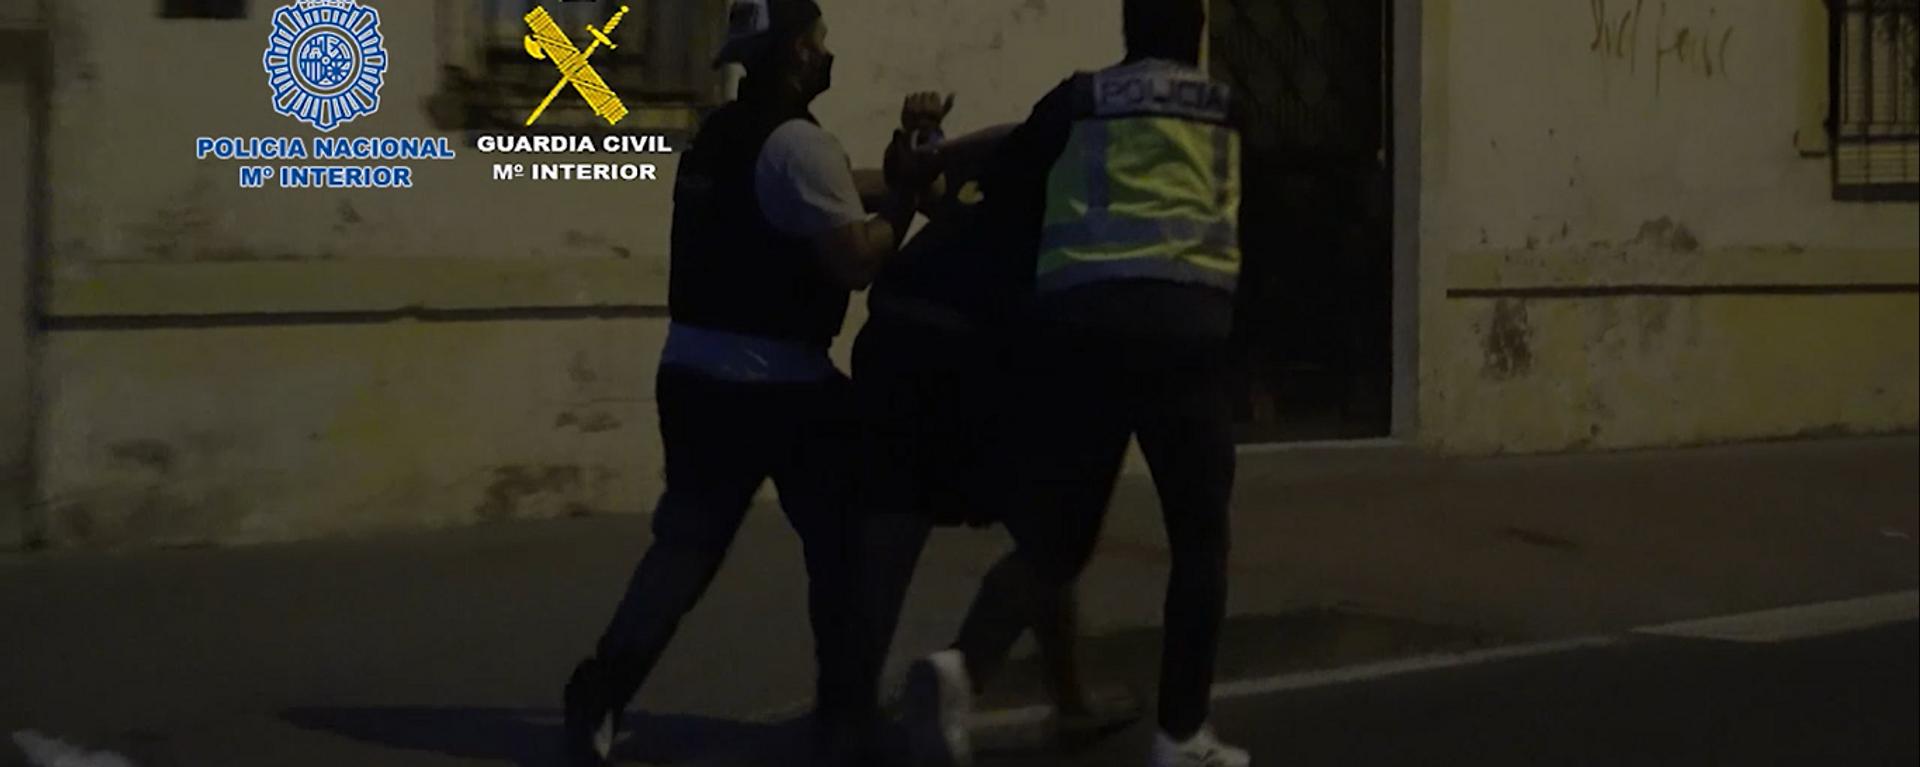 Arresto realizado en Algeciras (Cádiz) contra una de las mayores redes de narcotráfico del Estrecho - Sputnik Mundo, 1920, 27.07.2021